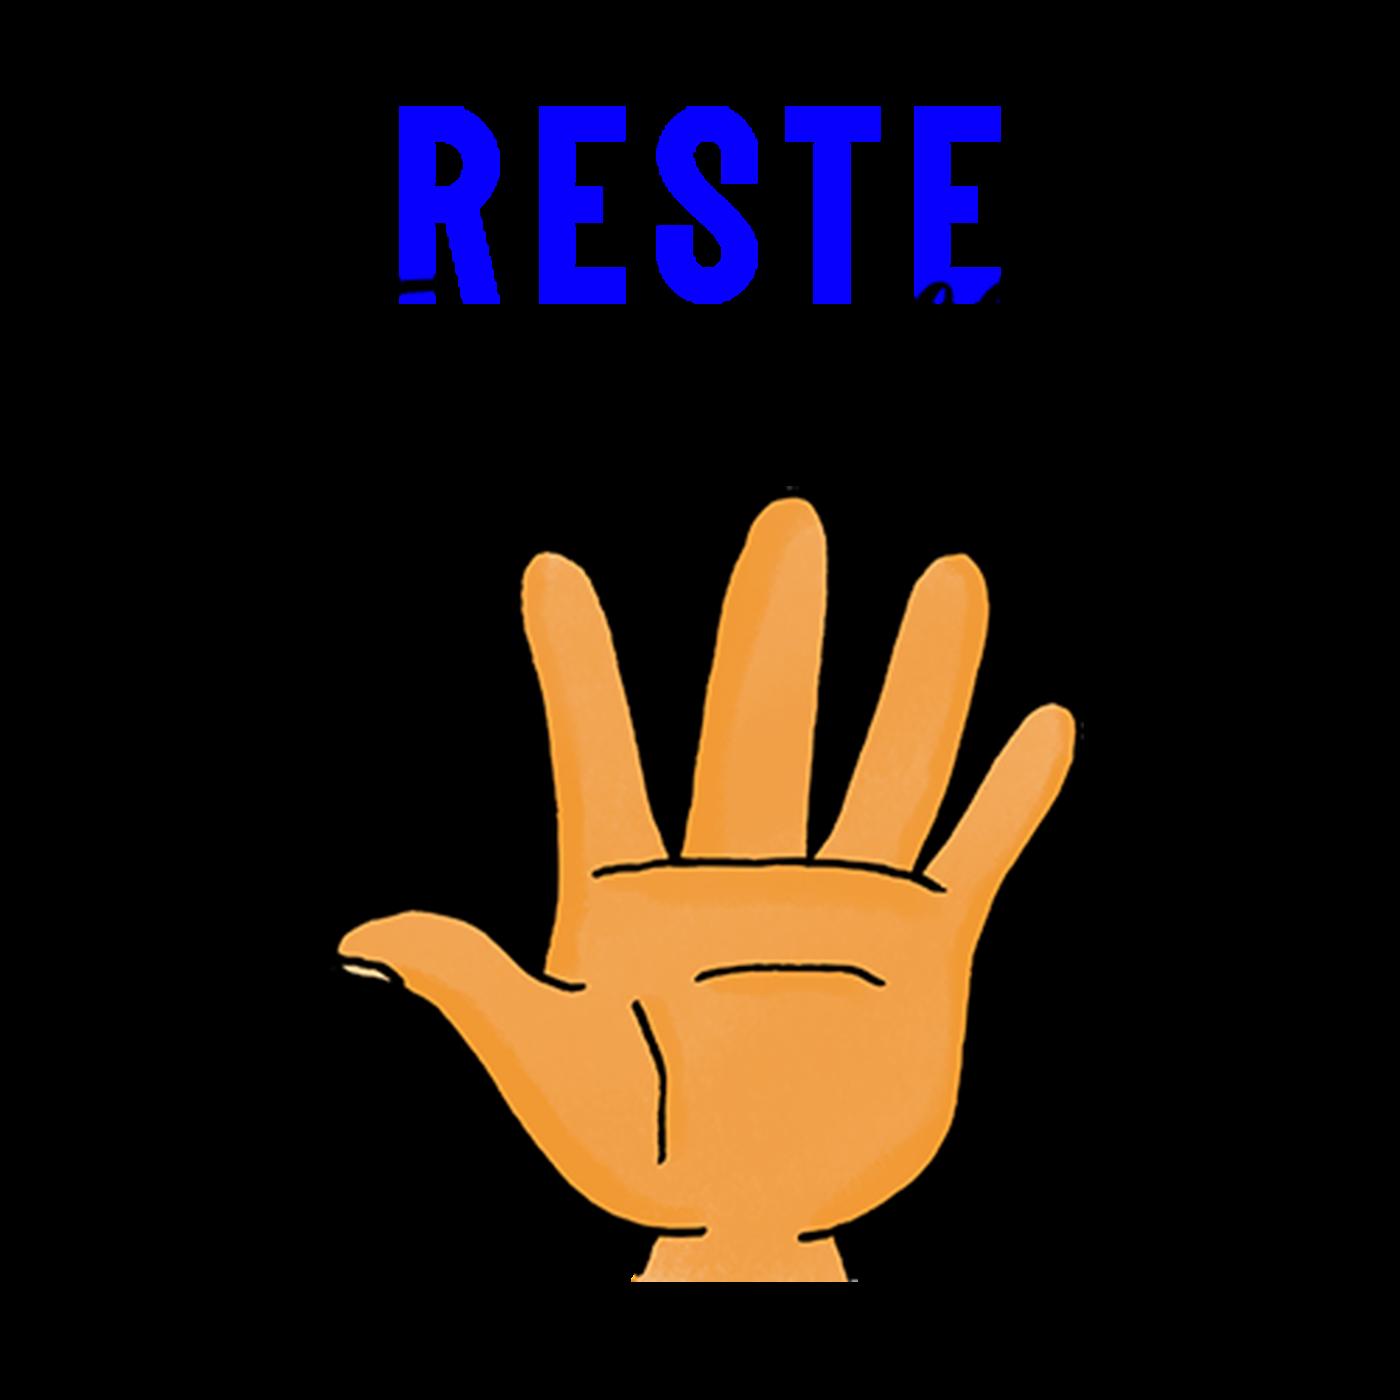 Reste Tranquille - Mer. 24 Mars 2021 (Best-Of)